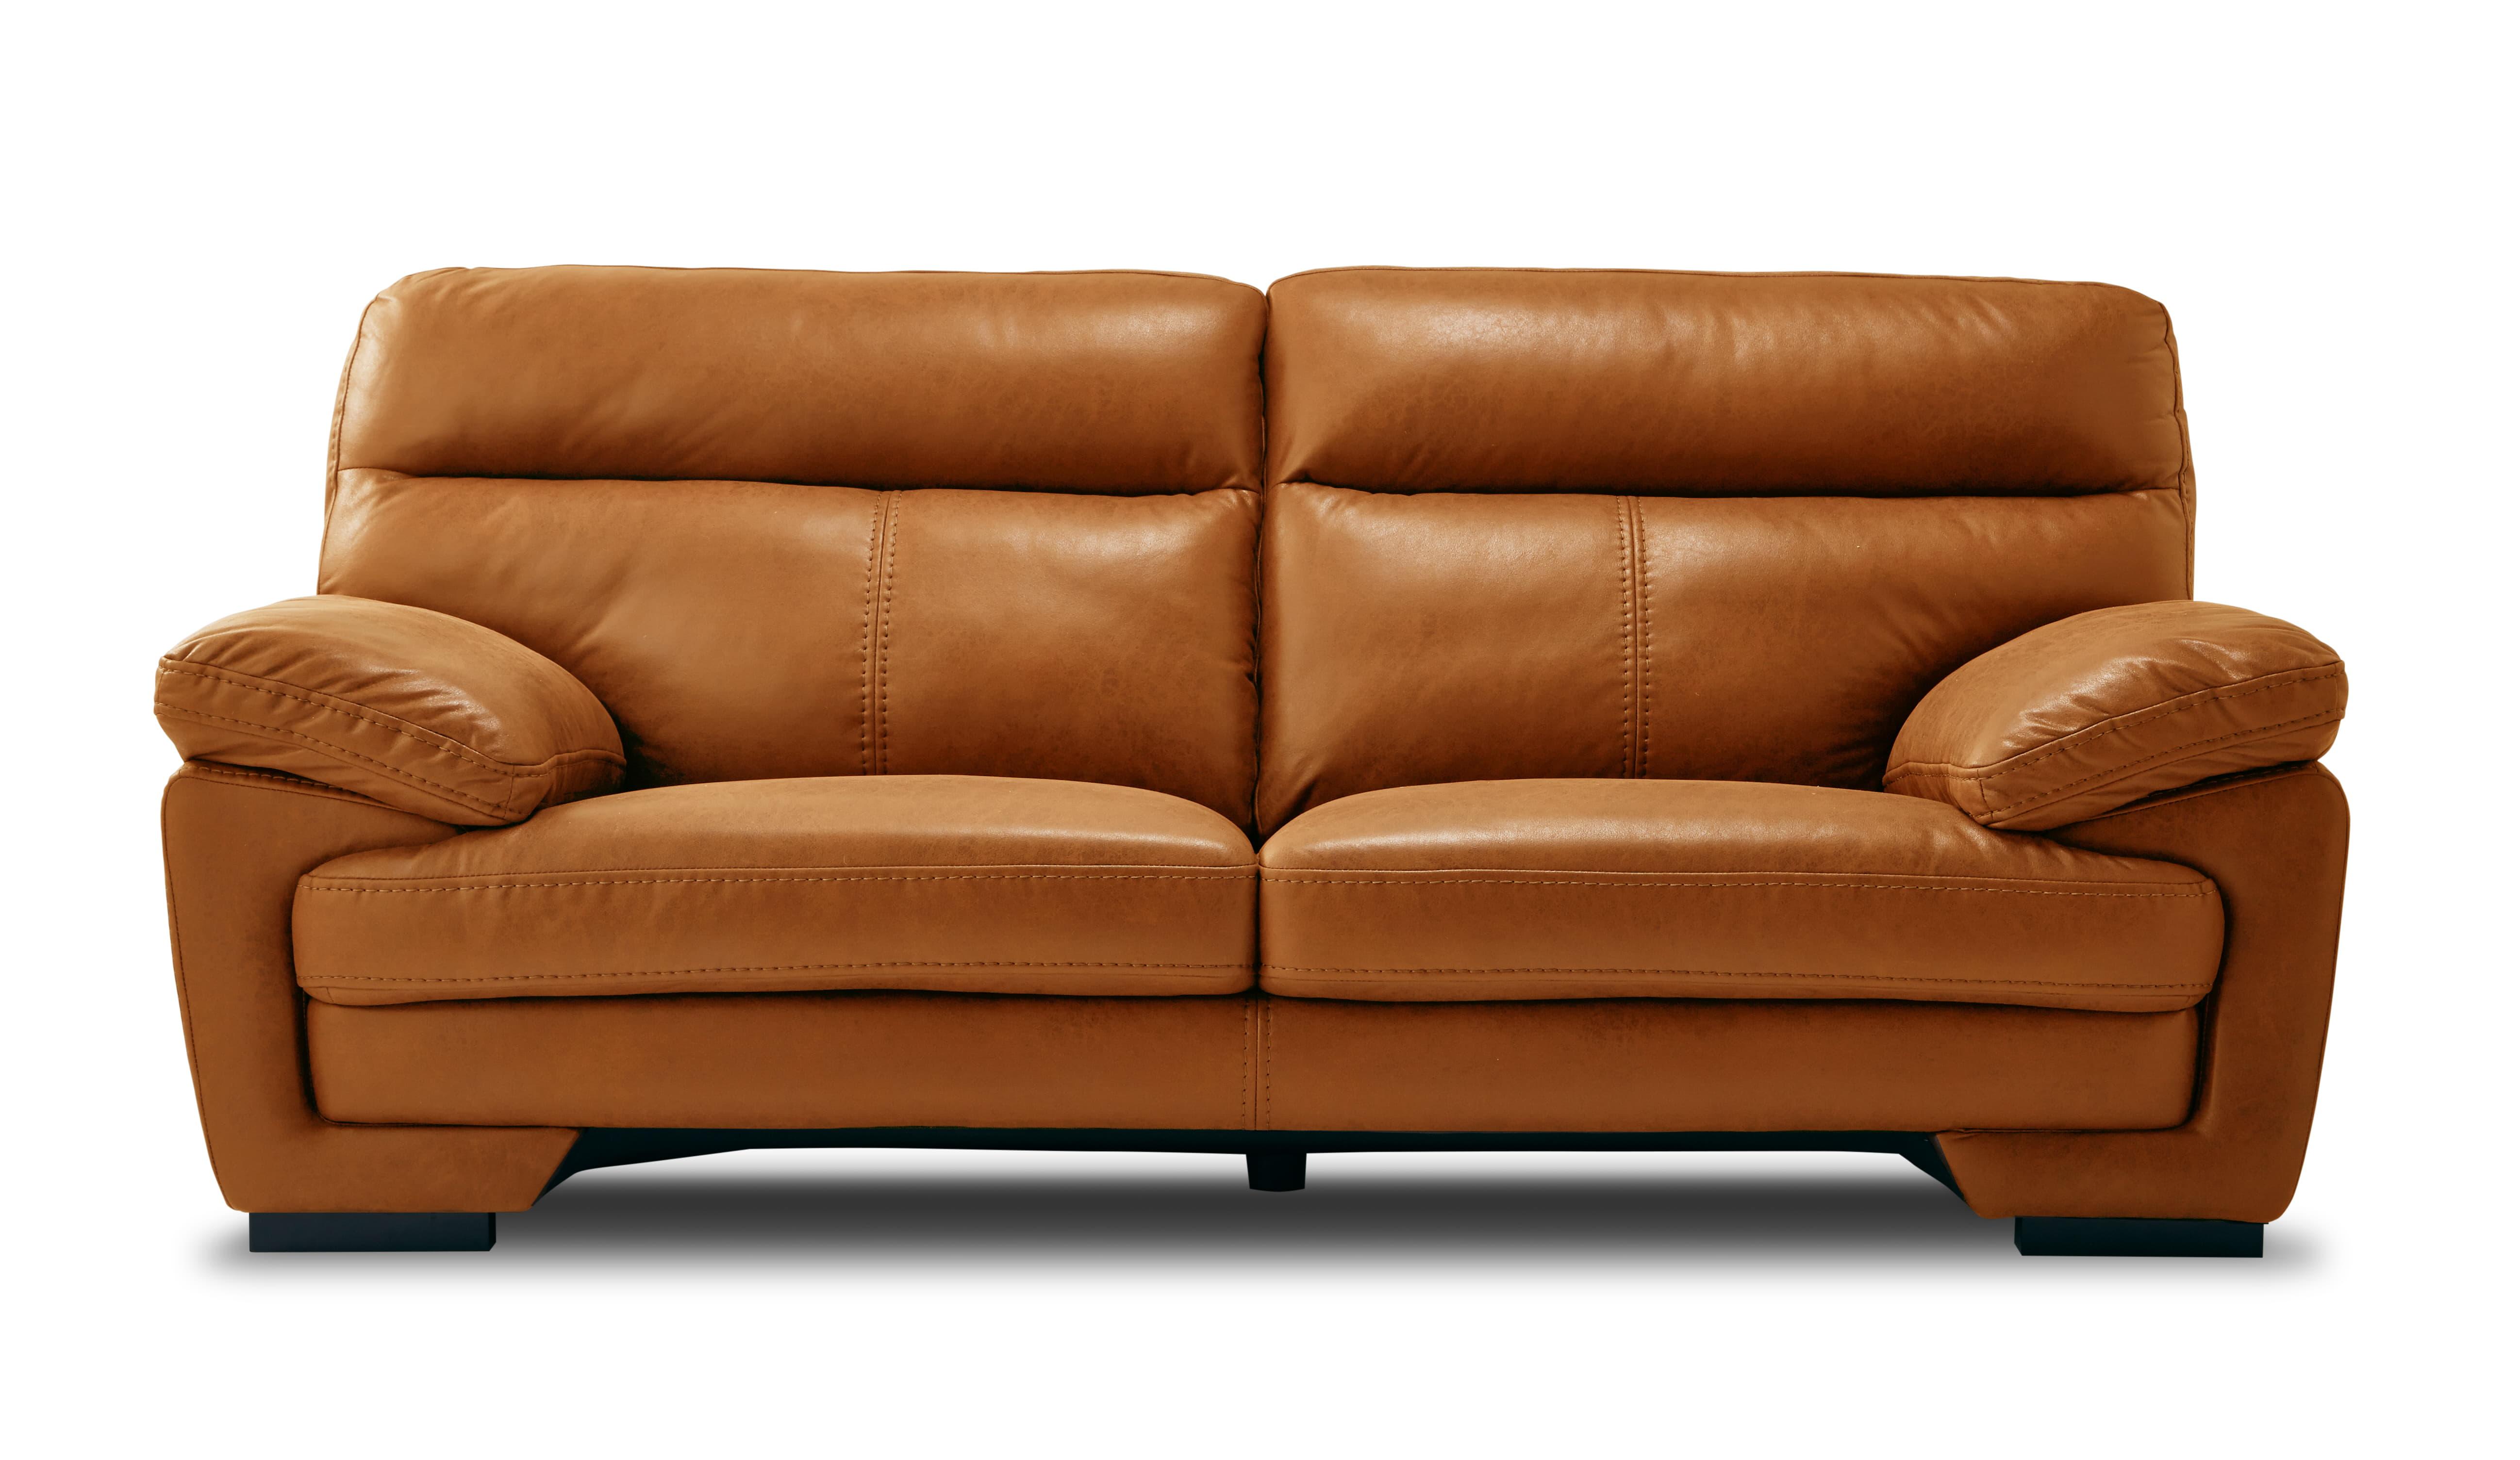 3人掛けソファー イゾラ キャメル:◆新素材「レザーテックス」を使用したソファー